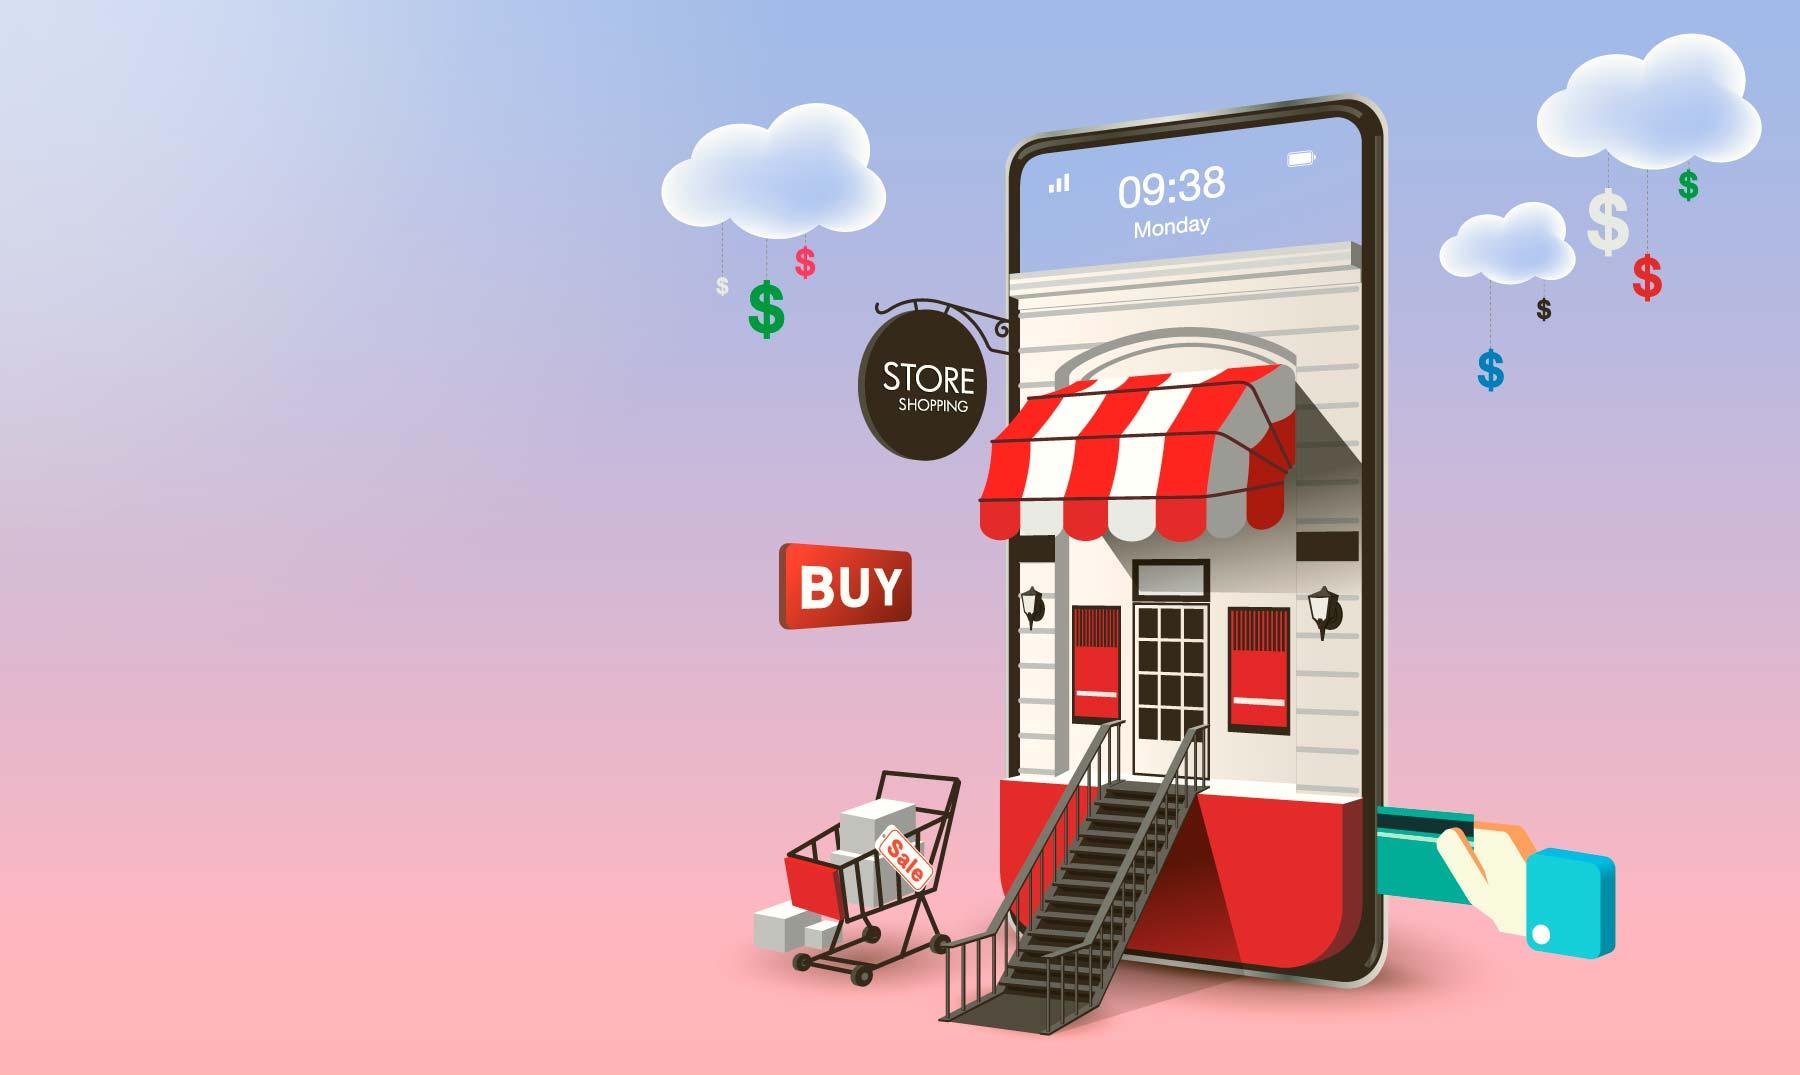 requirements-open-online-shop